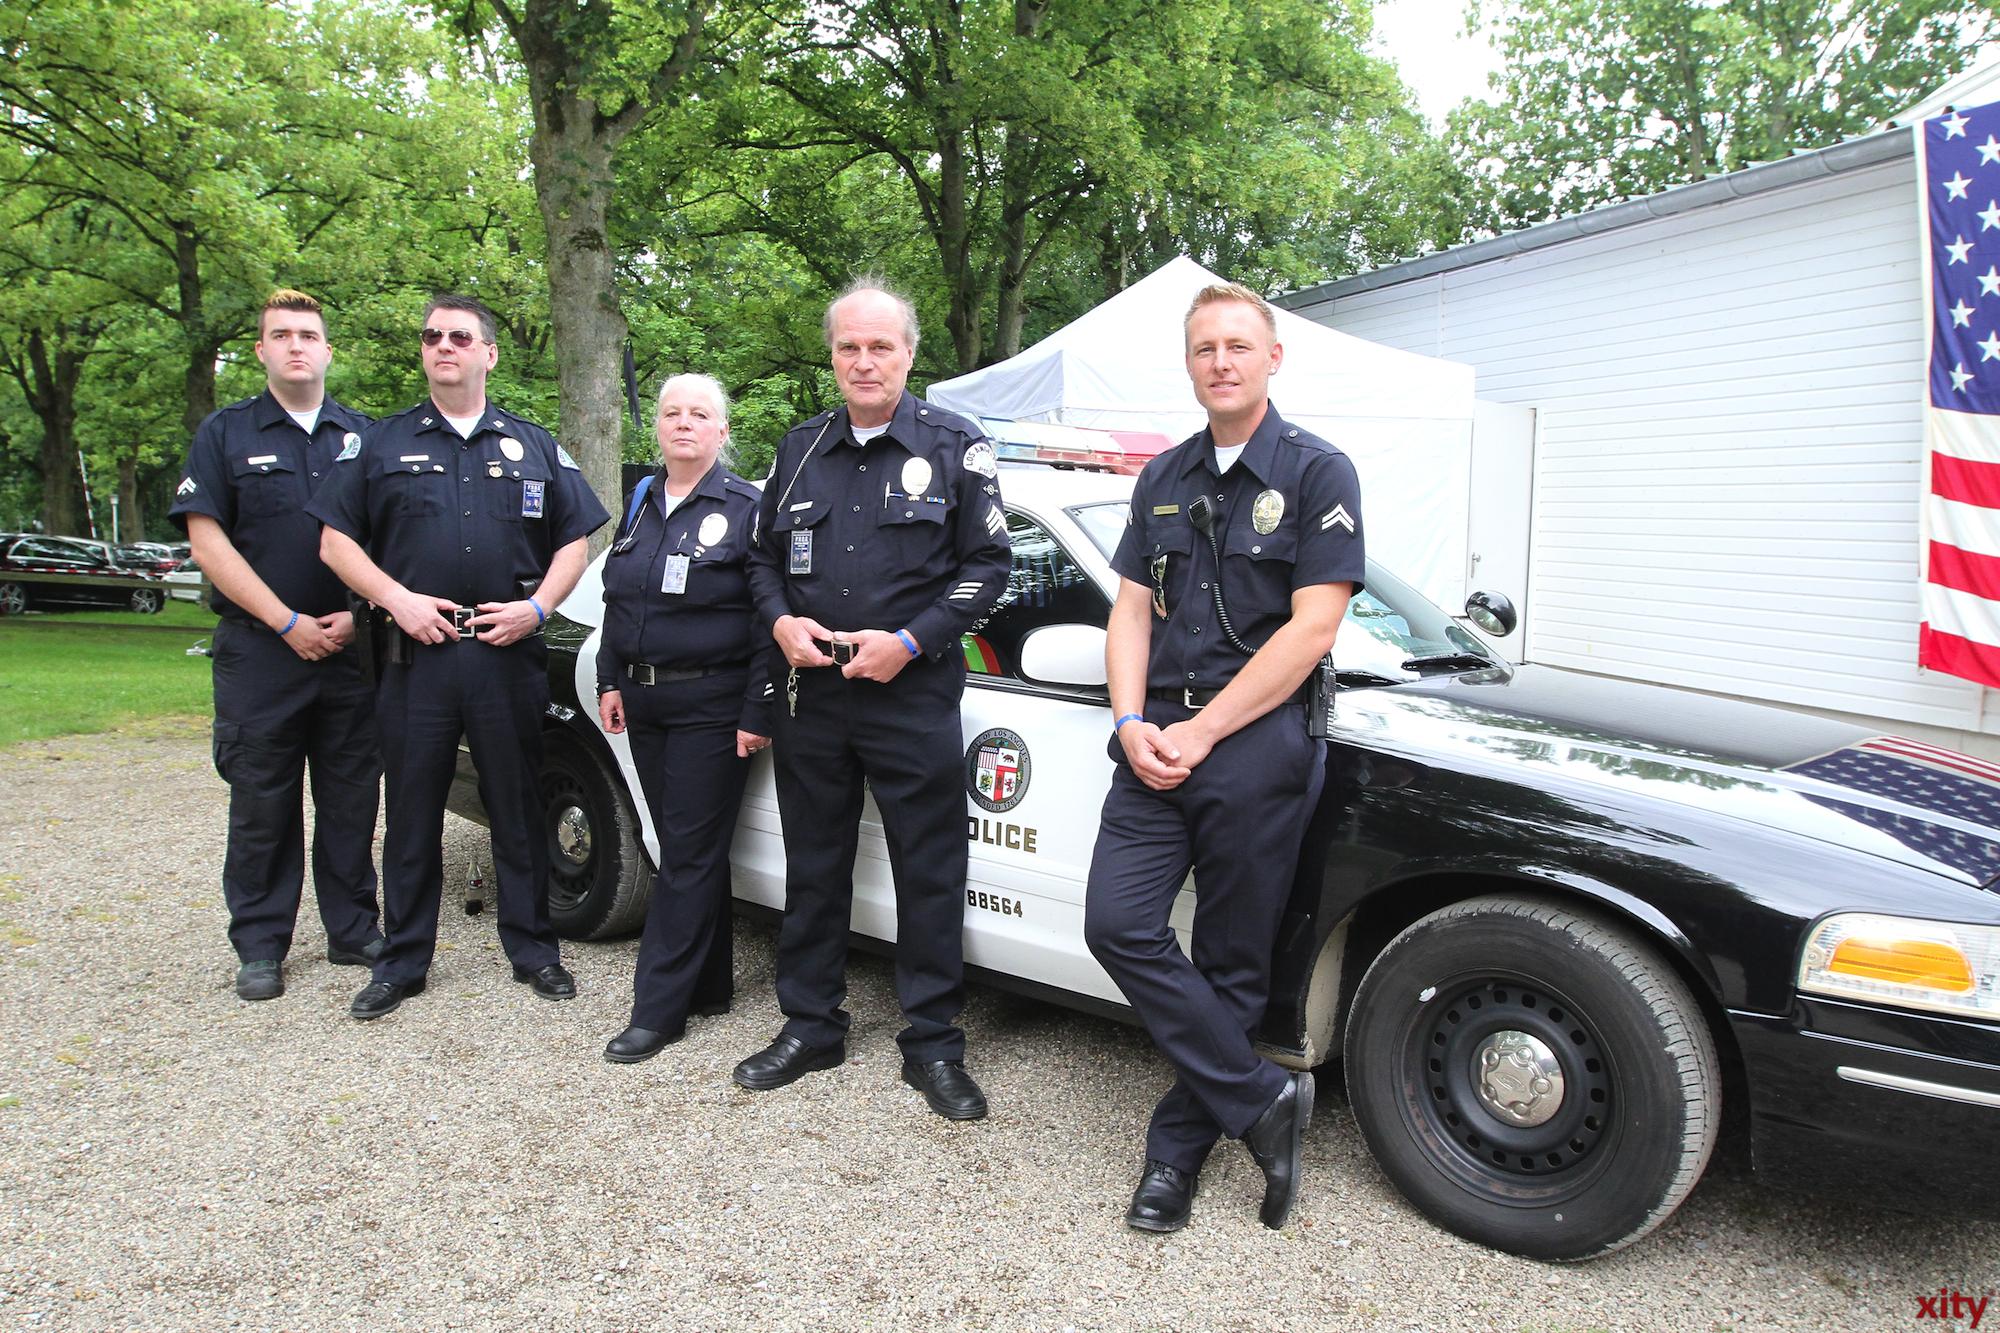 Die Police-Vehicel-Owners-Group stellte sogar ein typisch amerikanisches Polizeiauto vor dem Teehaus auf (Foto: xity)